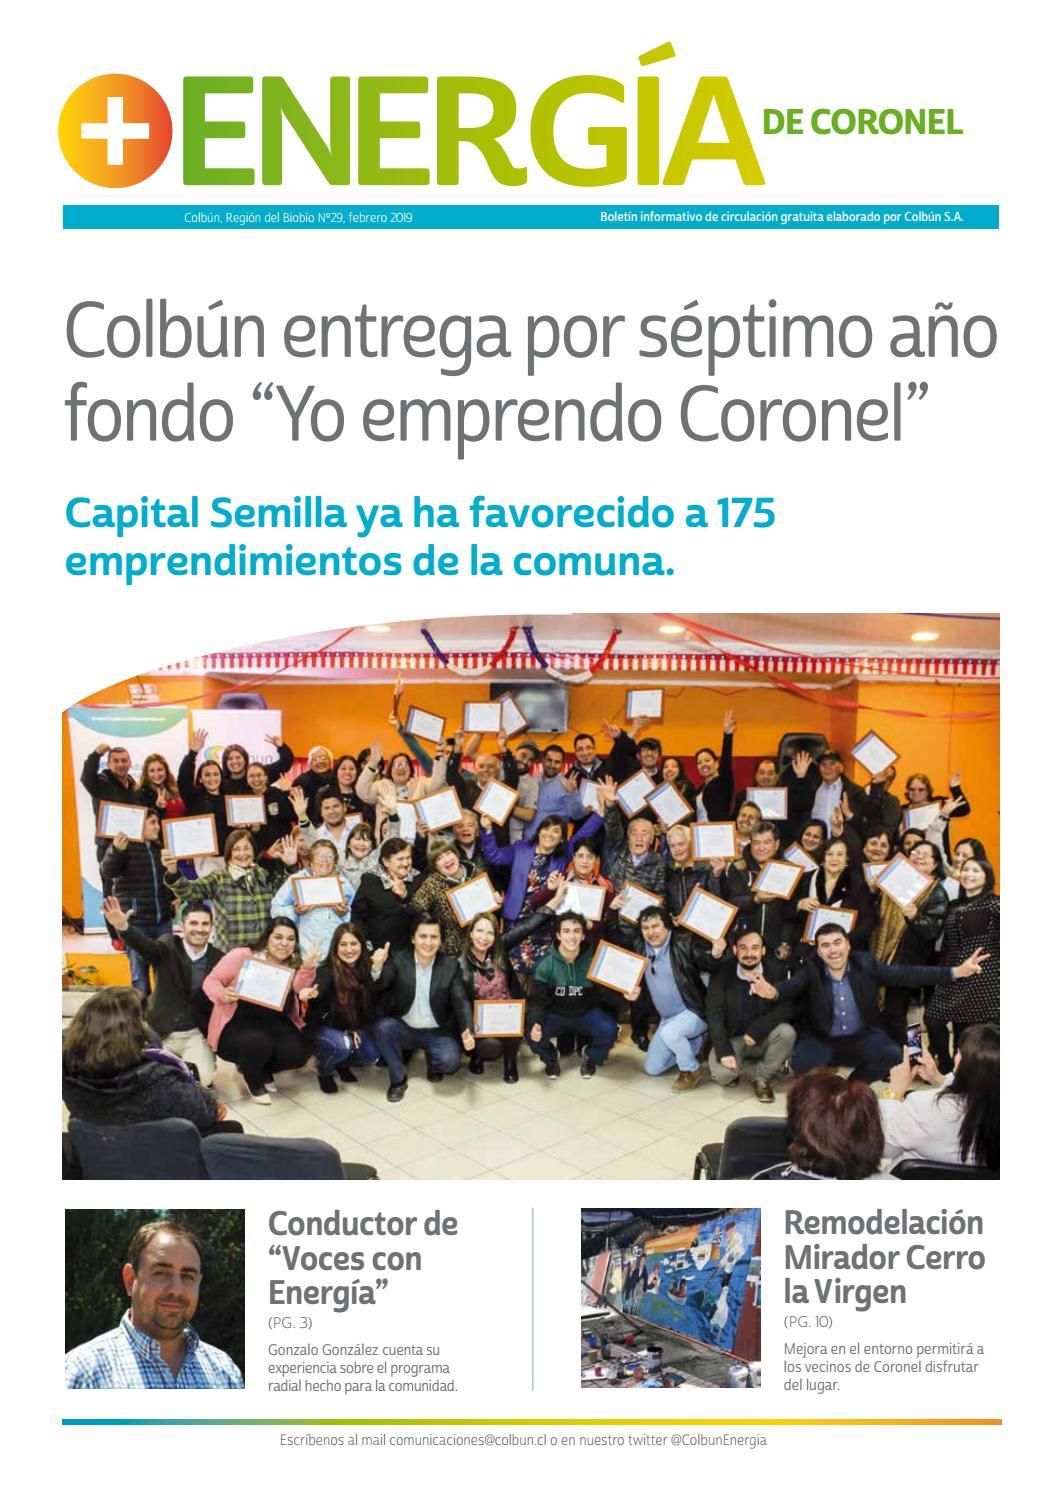 eaa1ffe487f6d + Energía Coronel - n°29 febrero 2019 by Colbún S.A. - issuu